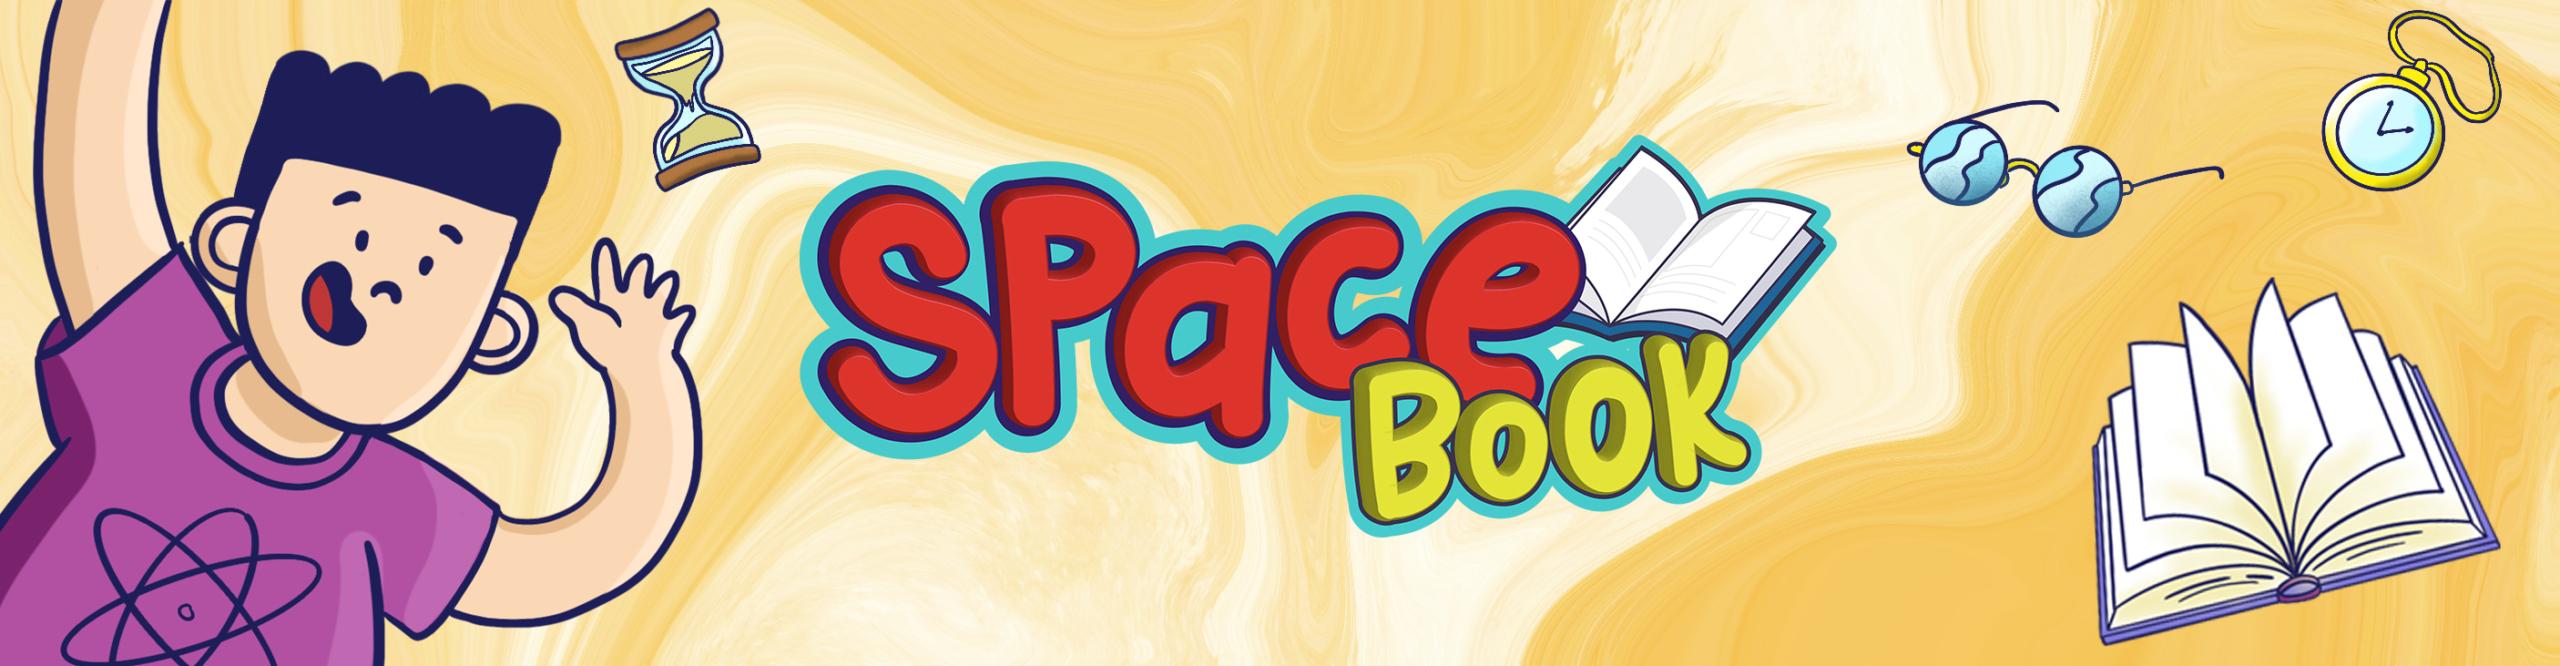 8 Spacebook teens